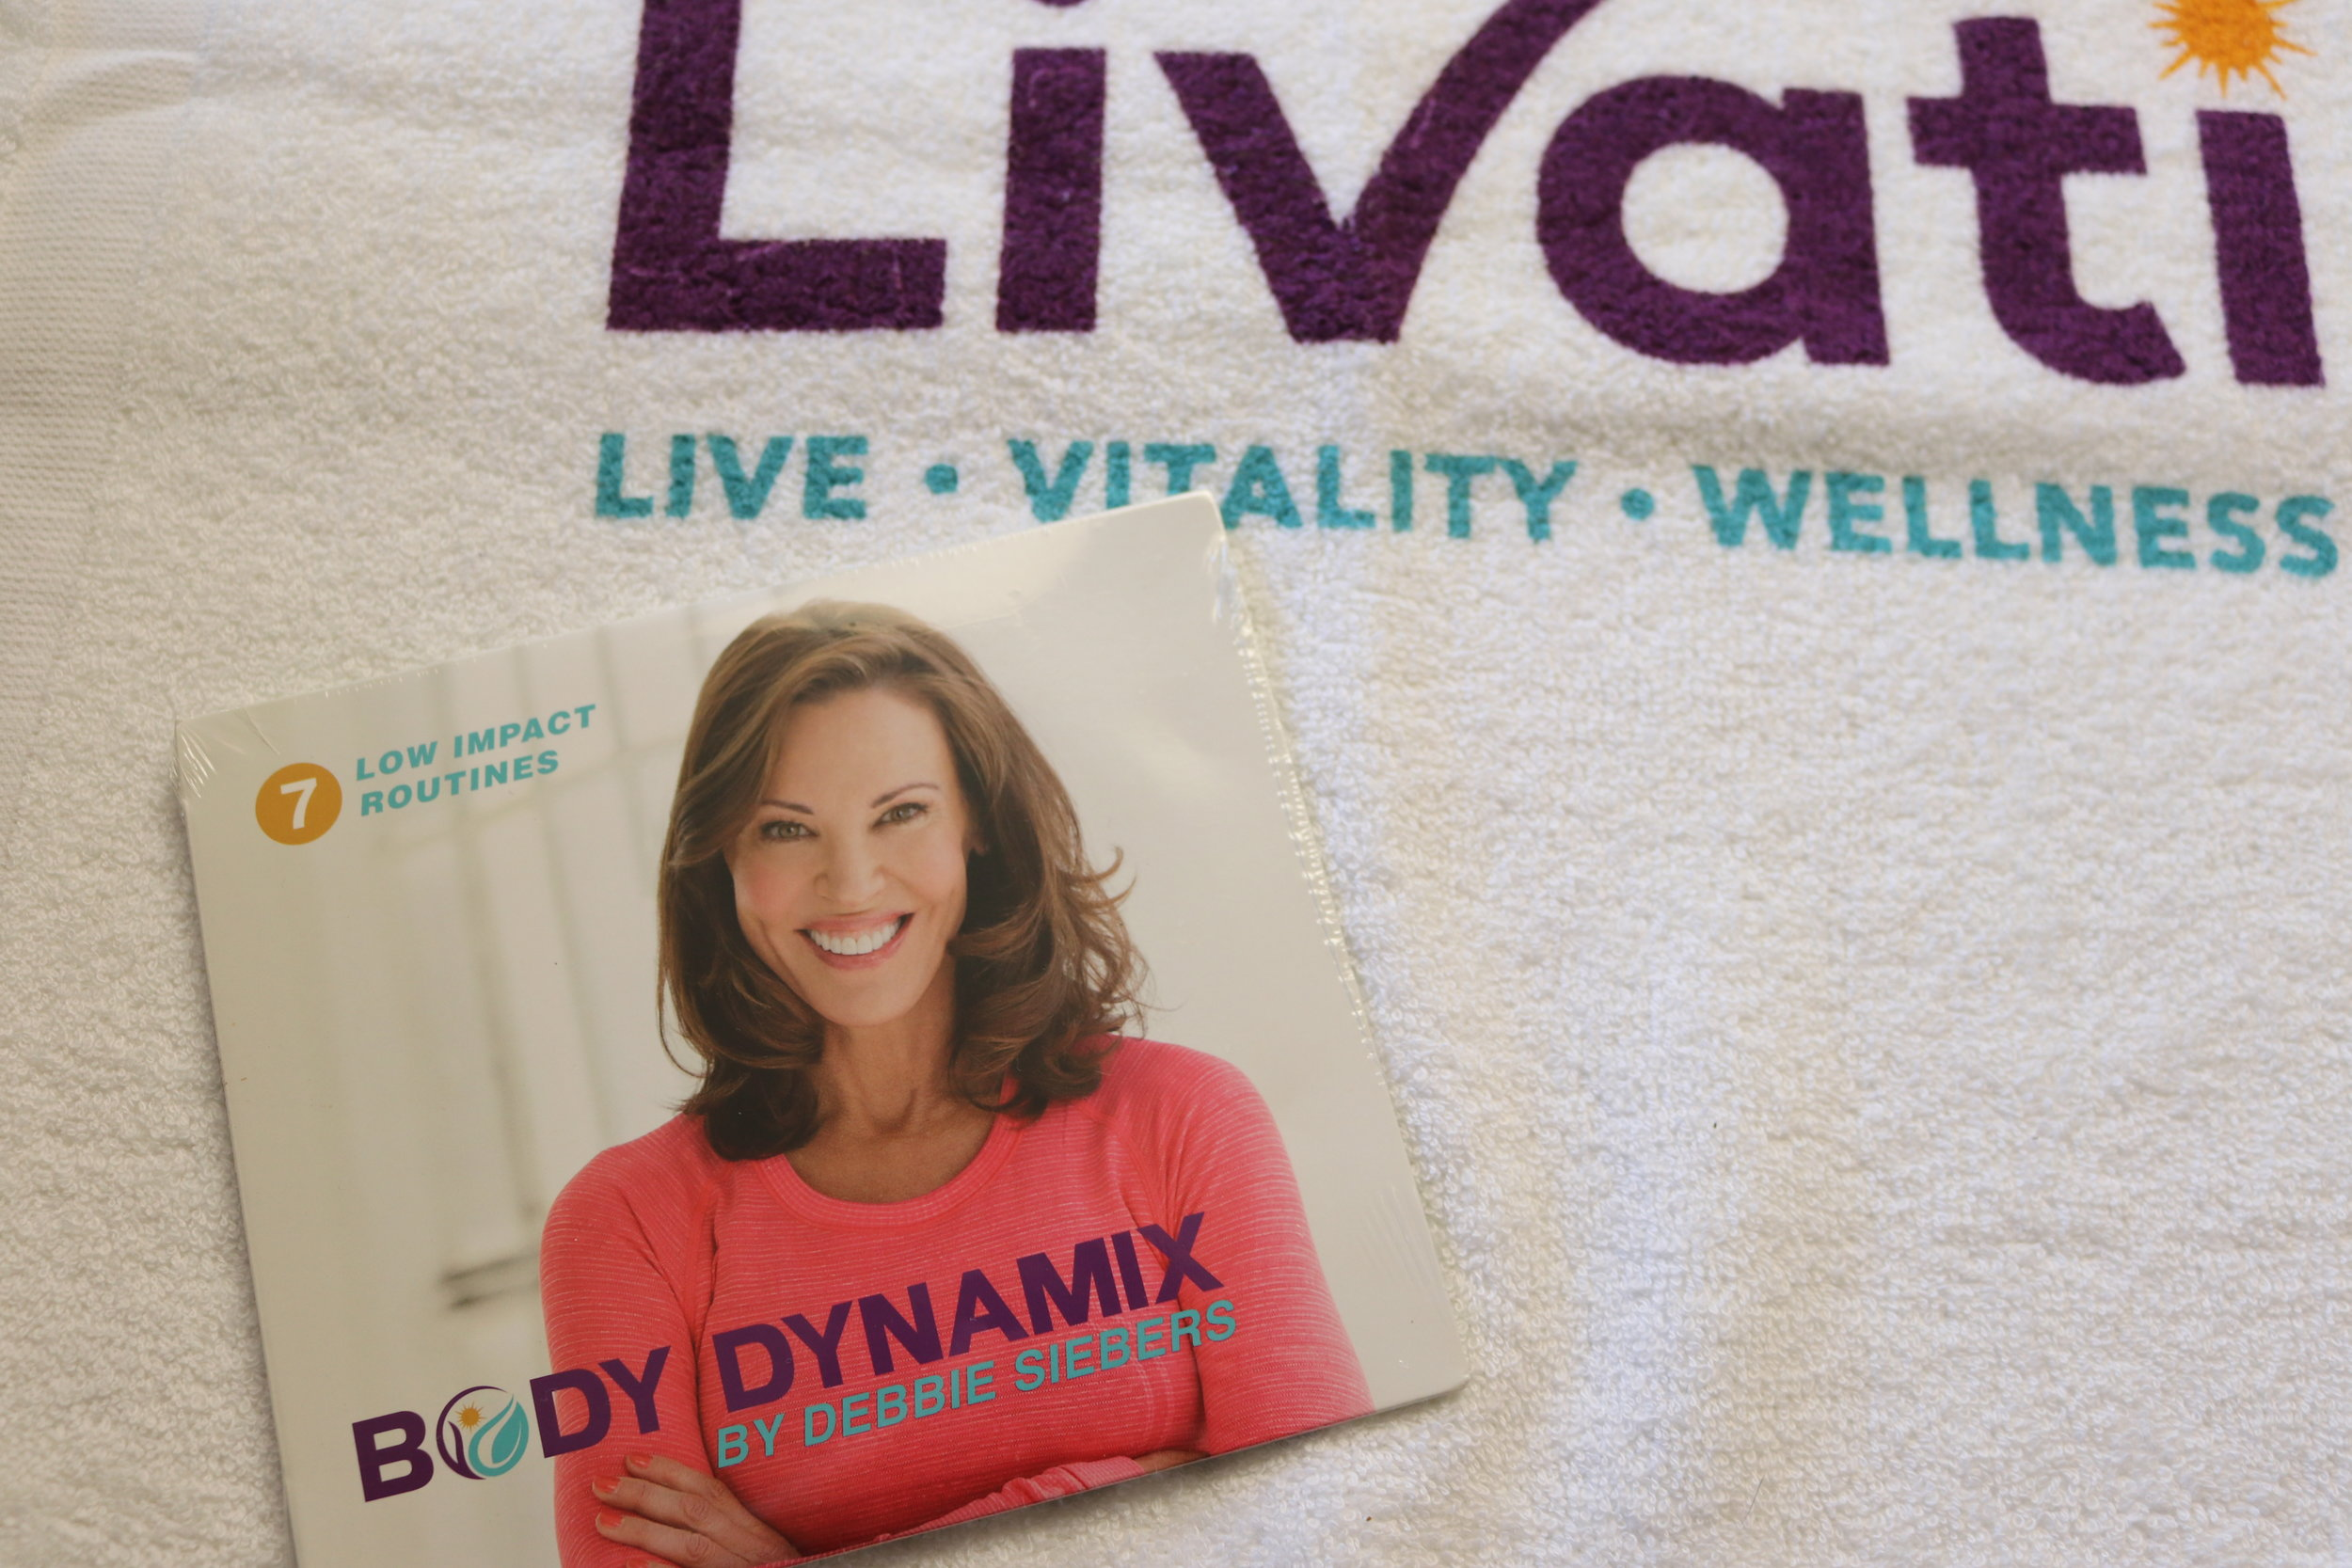 Livati Workout DVD - whatthegirlssay.com